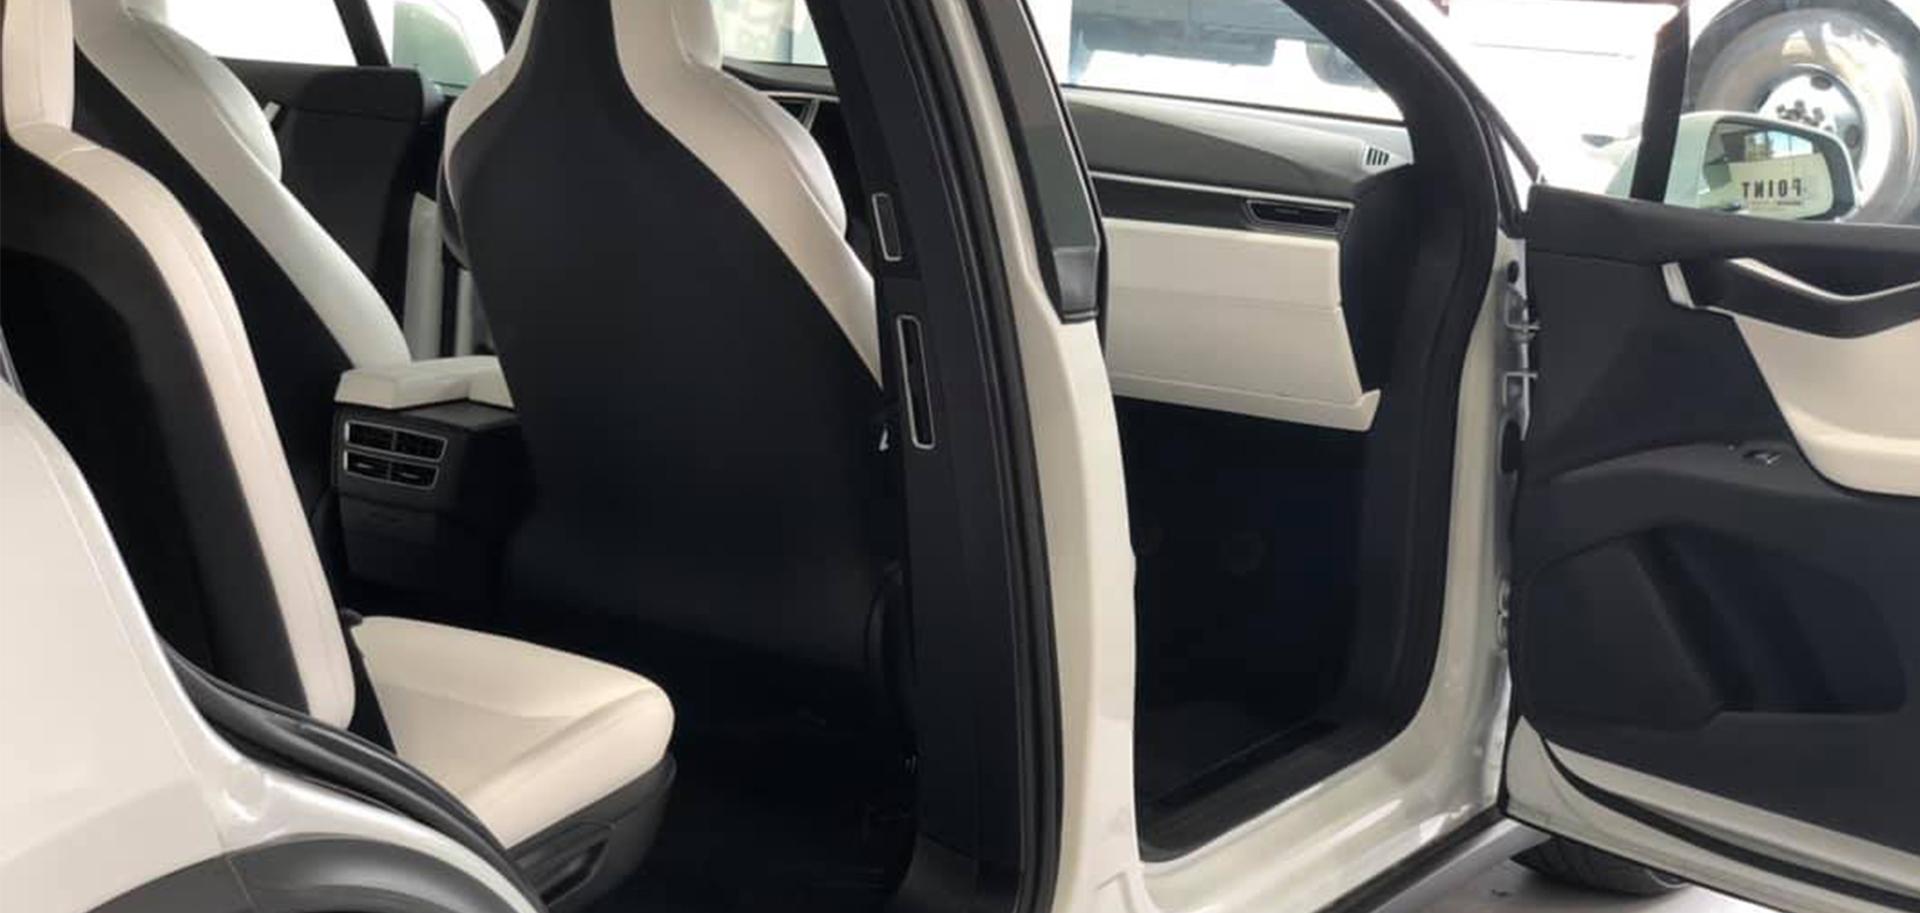 interior car detailing near me